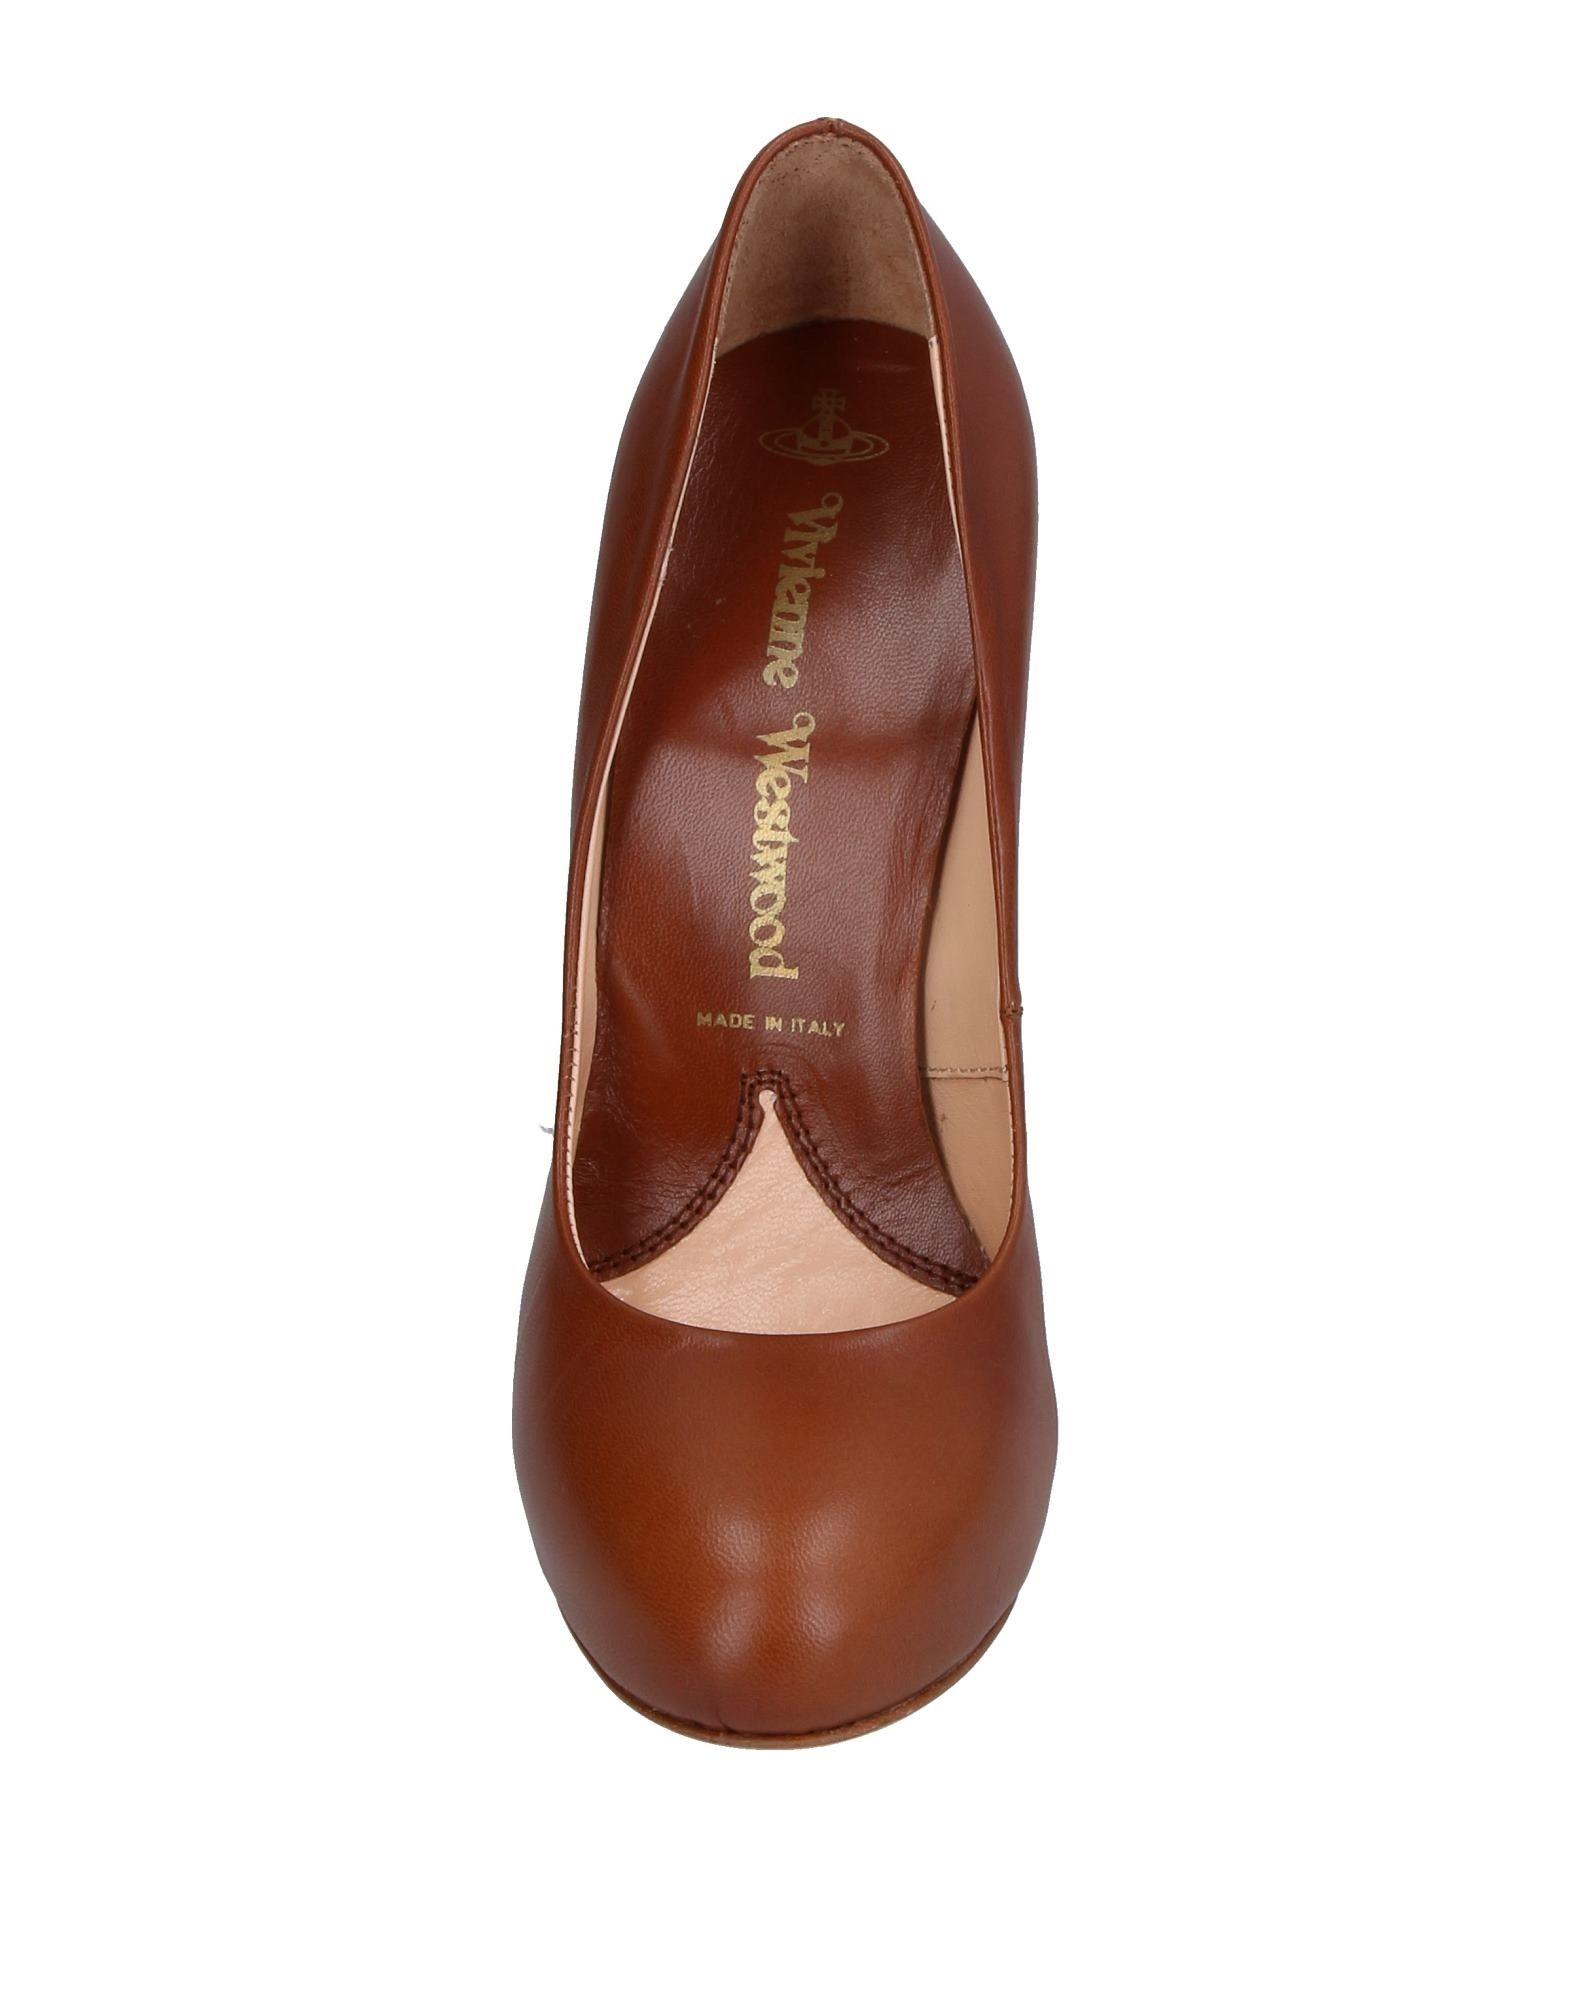 Vivienne Westwood Pumps aussehende Damen  11267503UJGünstige gut aussehende Pumps Schuhe 8edb94